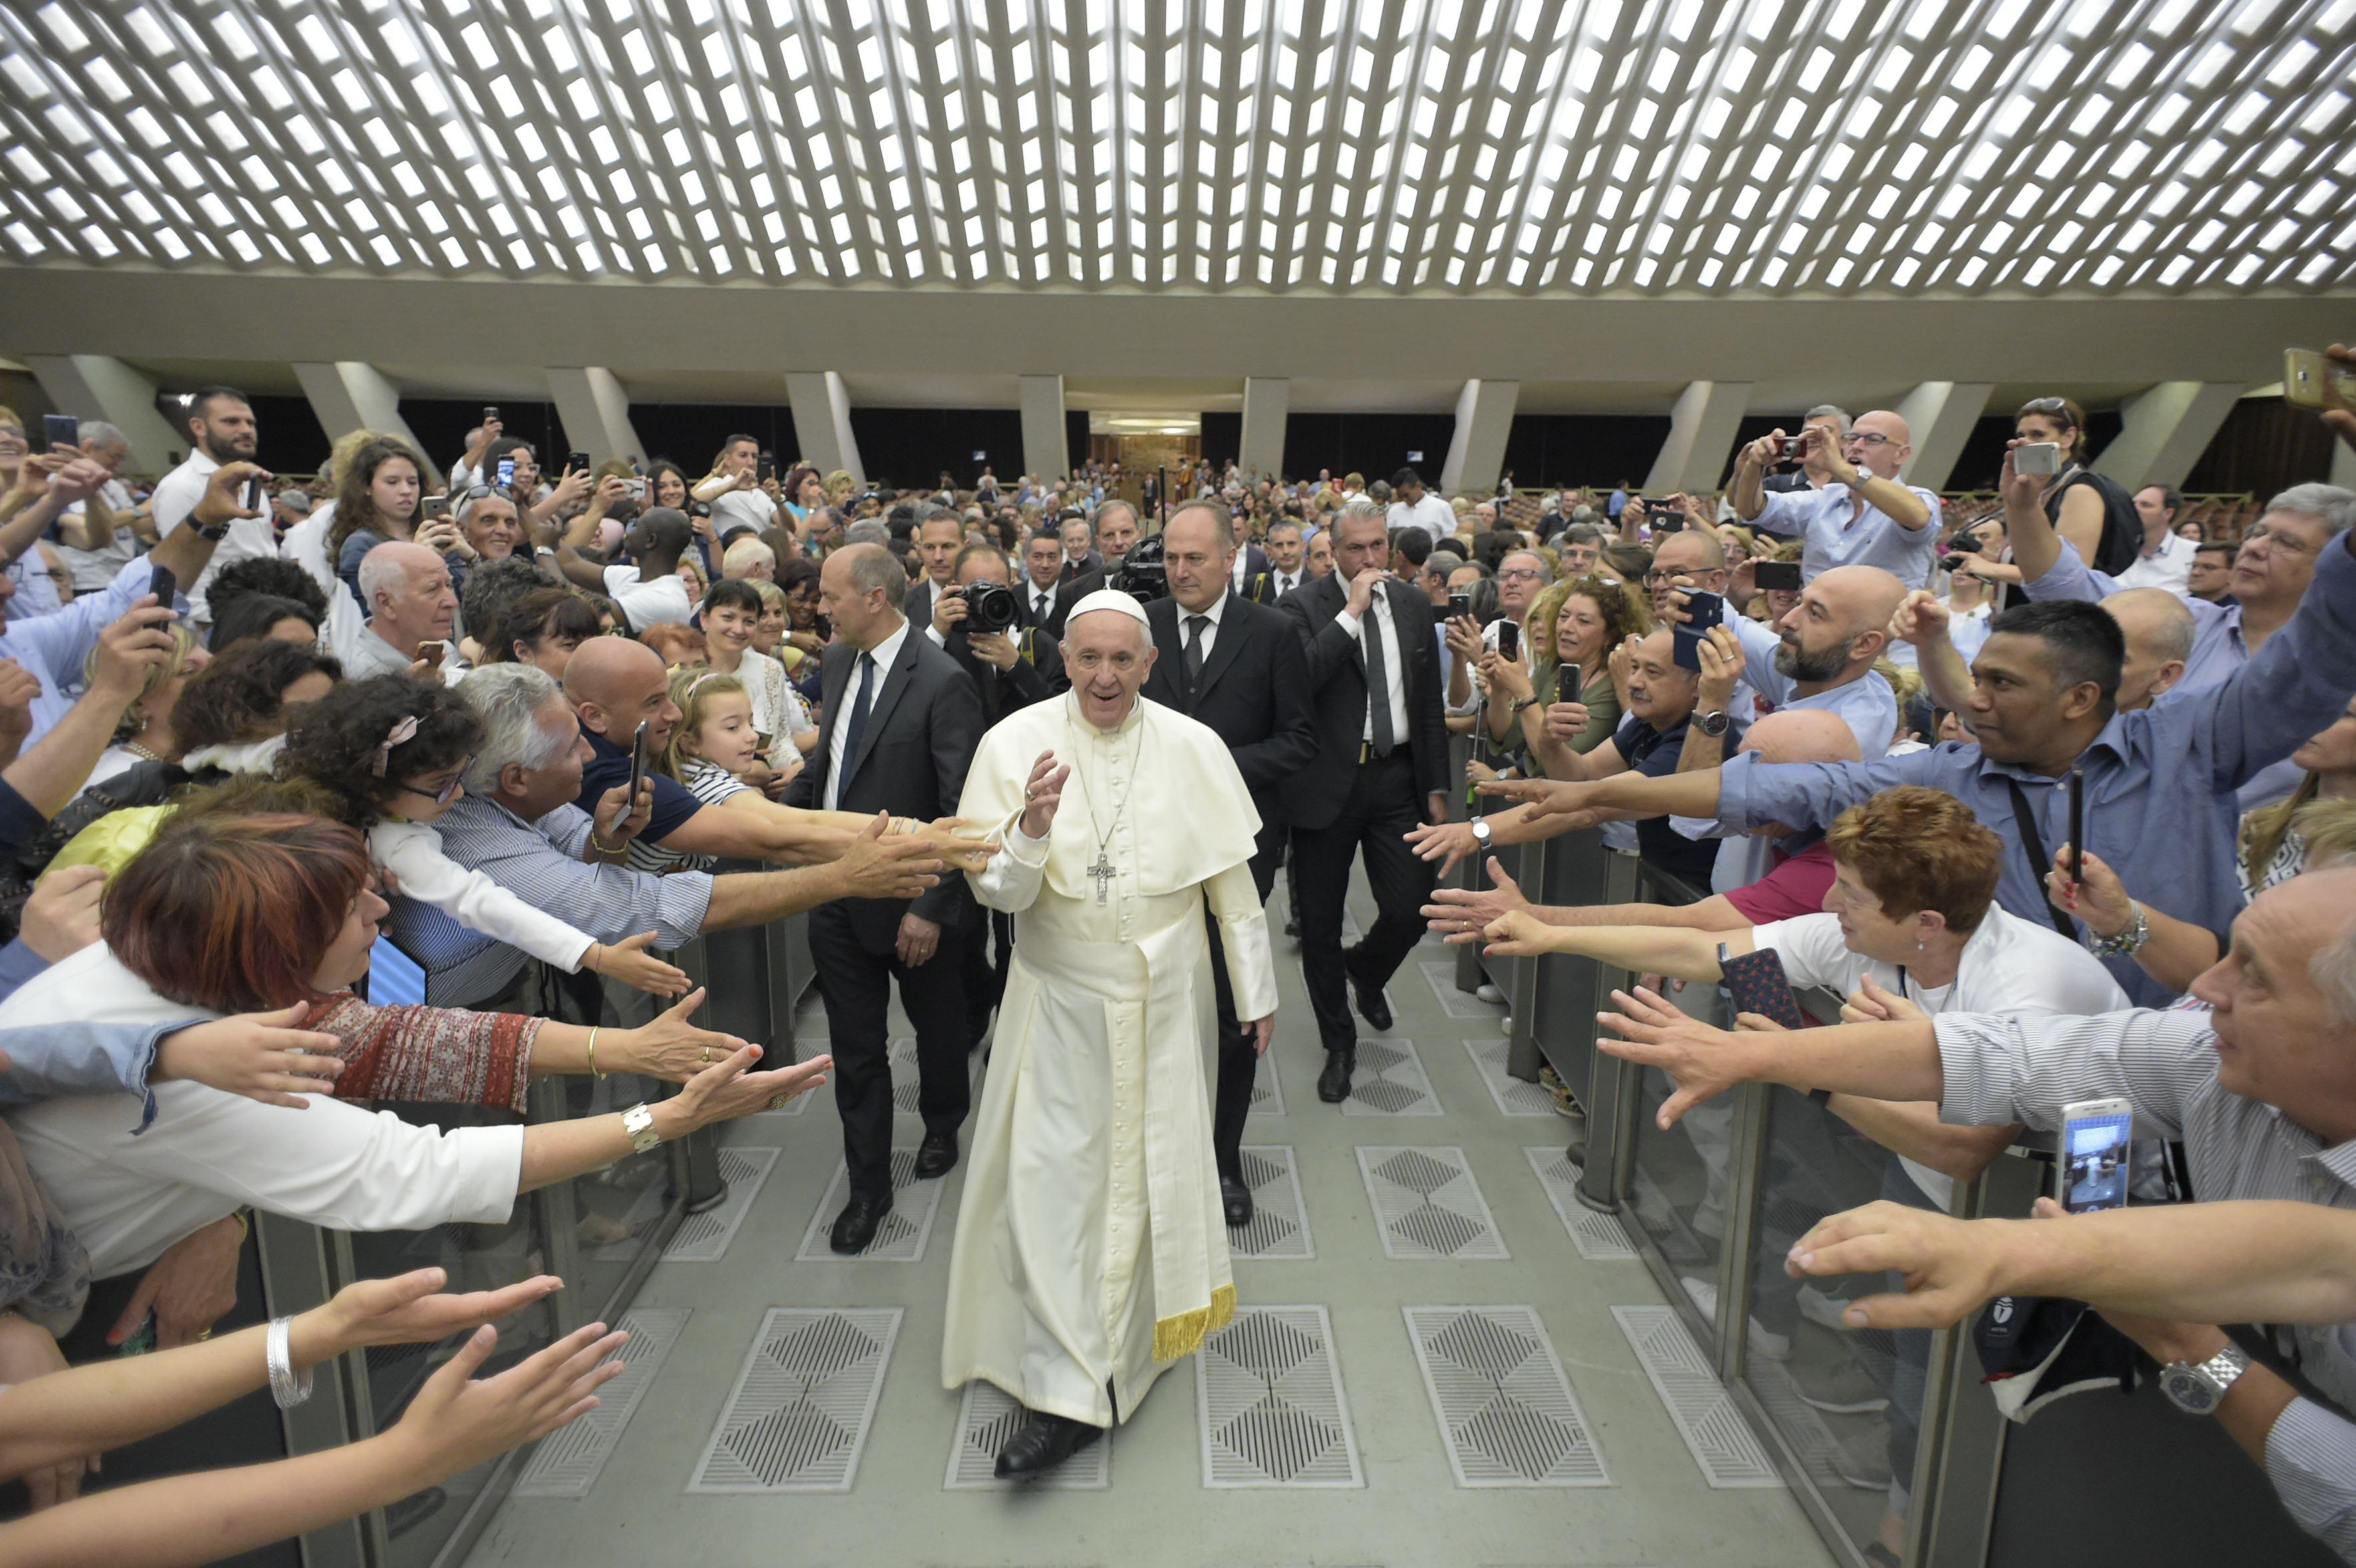 Audiencia del Papa Francisco, Aula Pablo VI, 2-6-2018 © Vatican Media